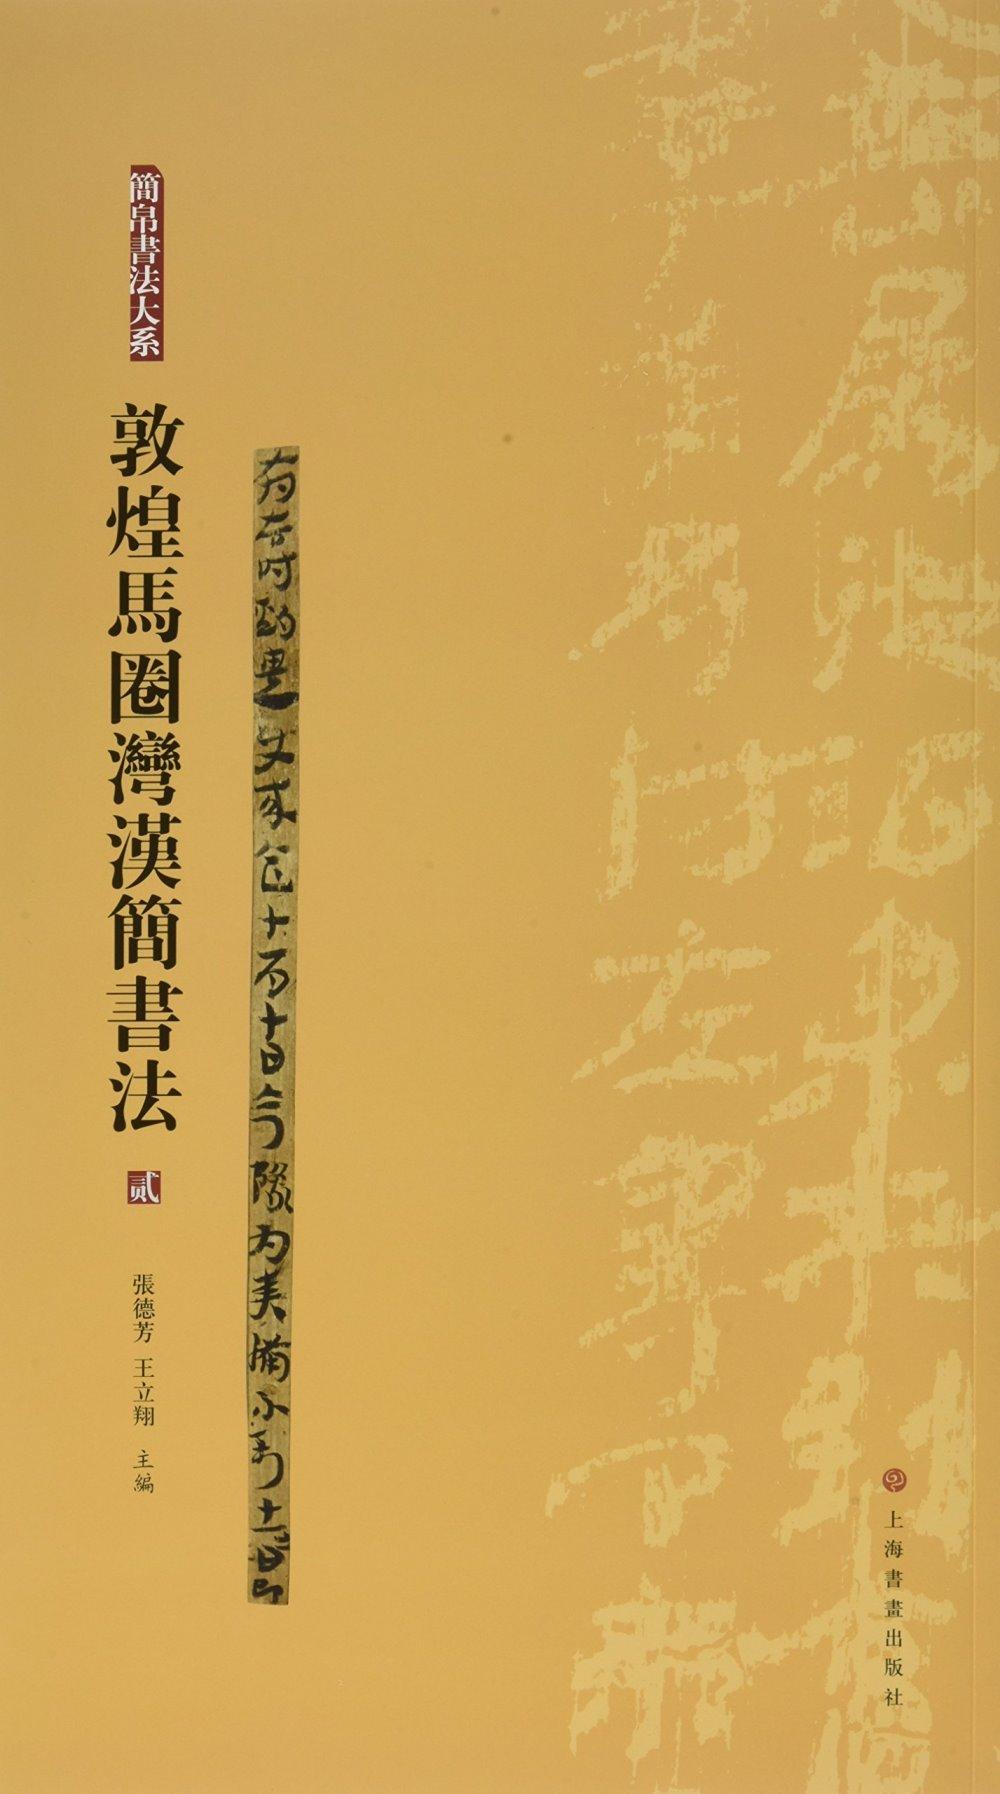 簡帛書法大系:敦煌馬圈灣漢簡書法(貳)